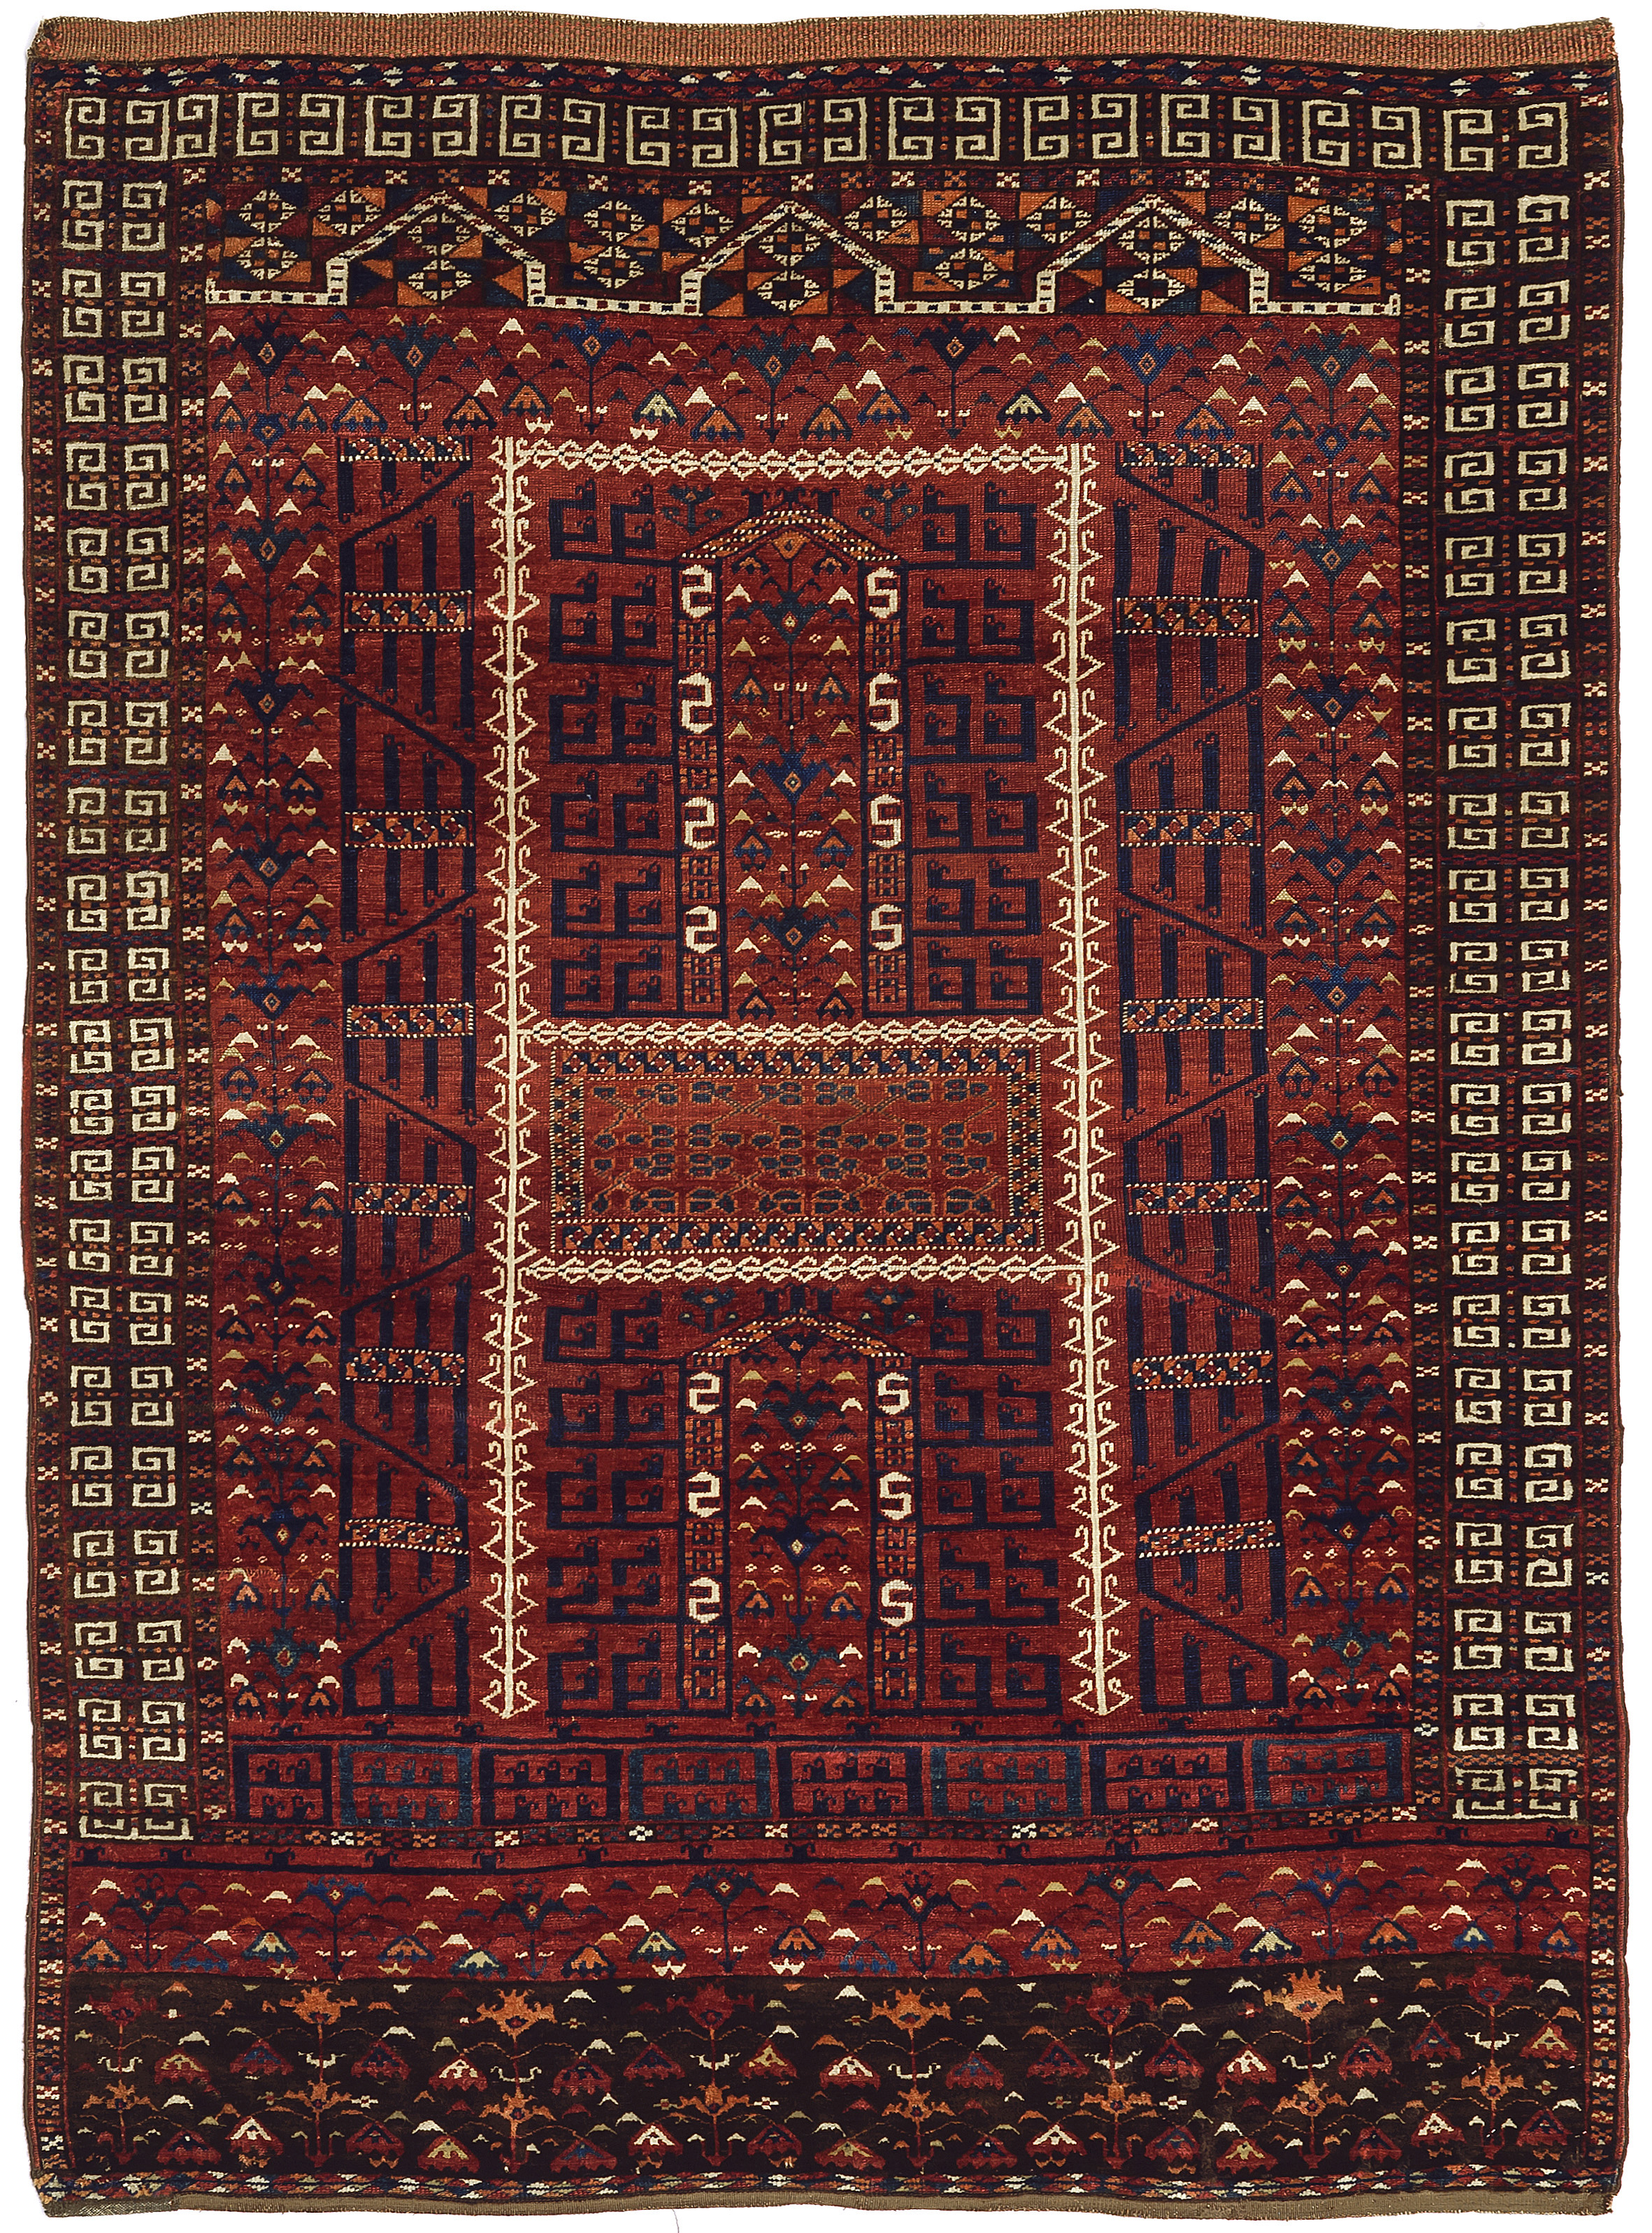 Saryk Turkmen ensi, circa 1800, 126 x 166cm. Teppichhaus Lerch, Munich